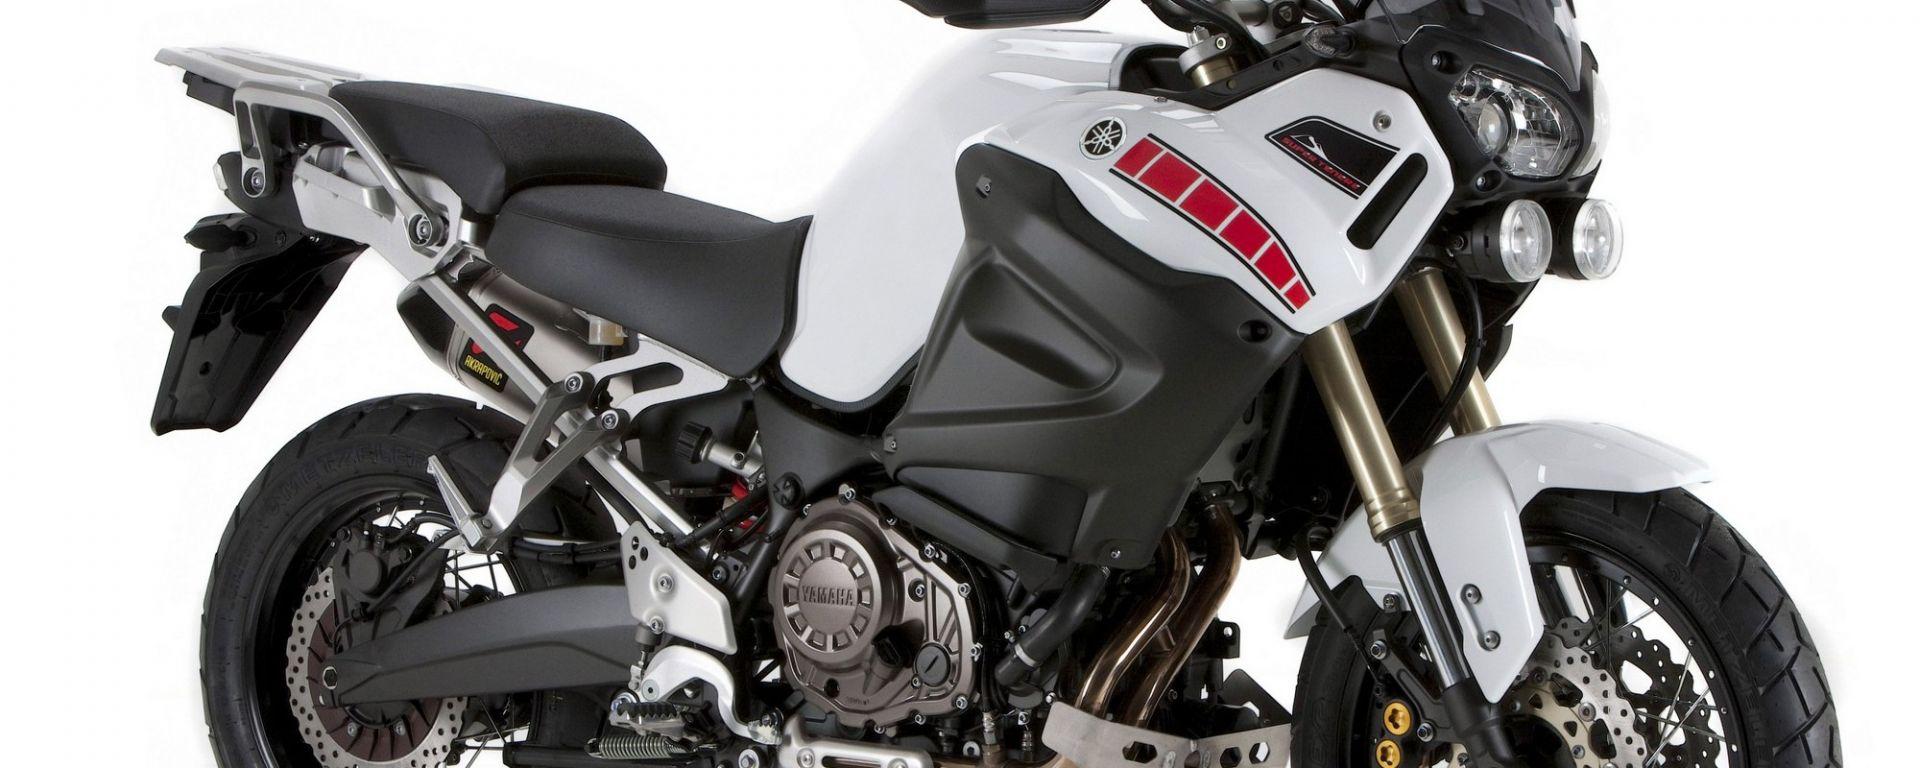 Yamaha: nuovo colore per la Super Ténéré